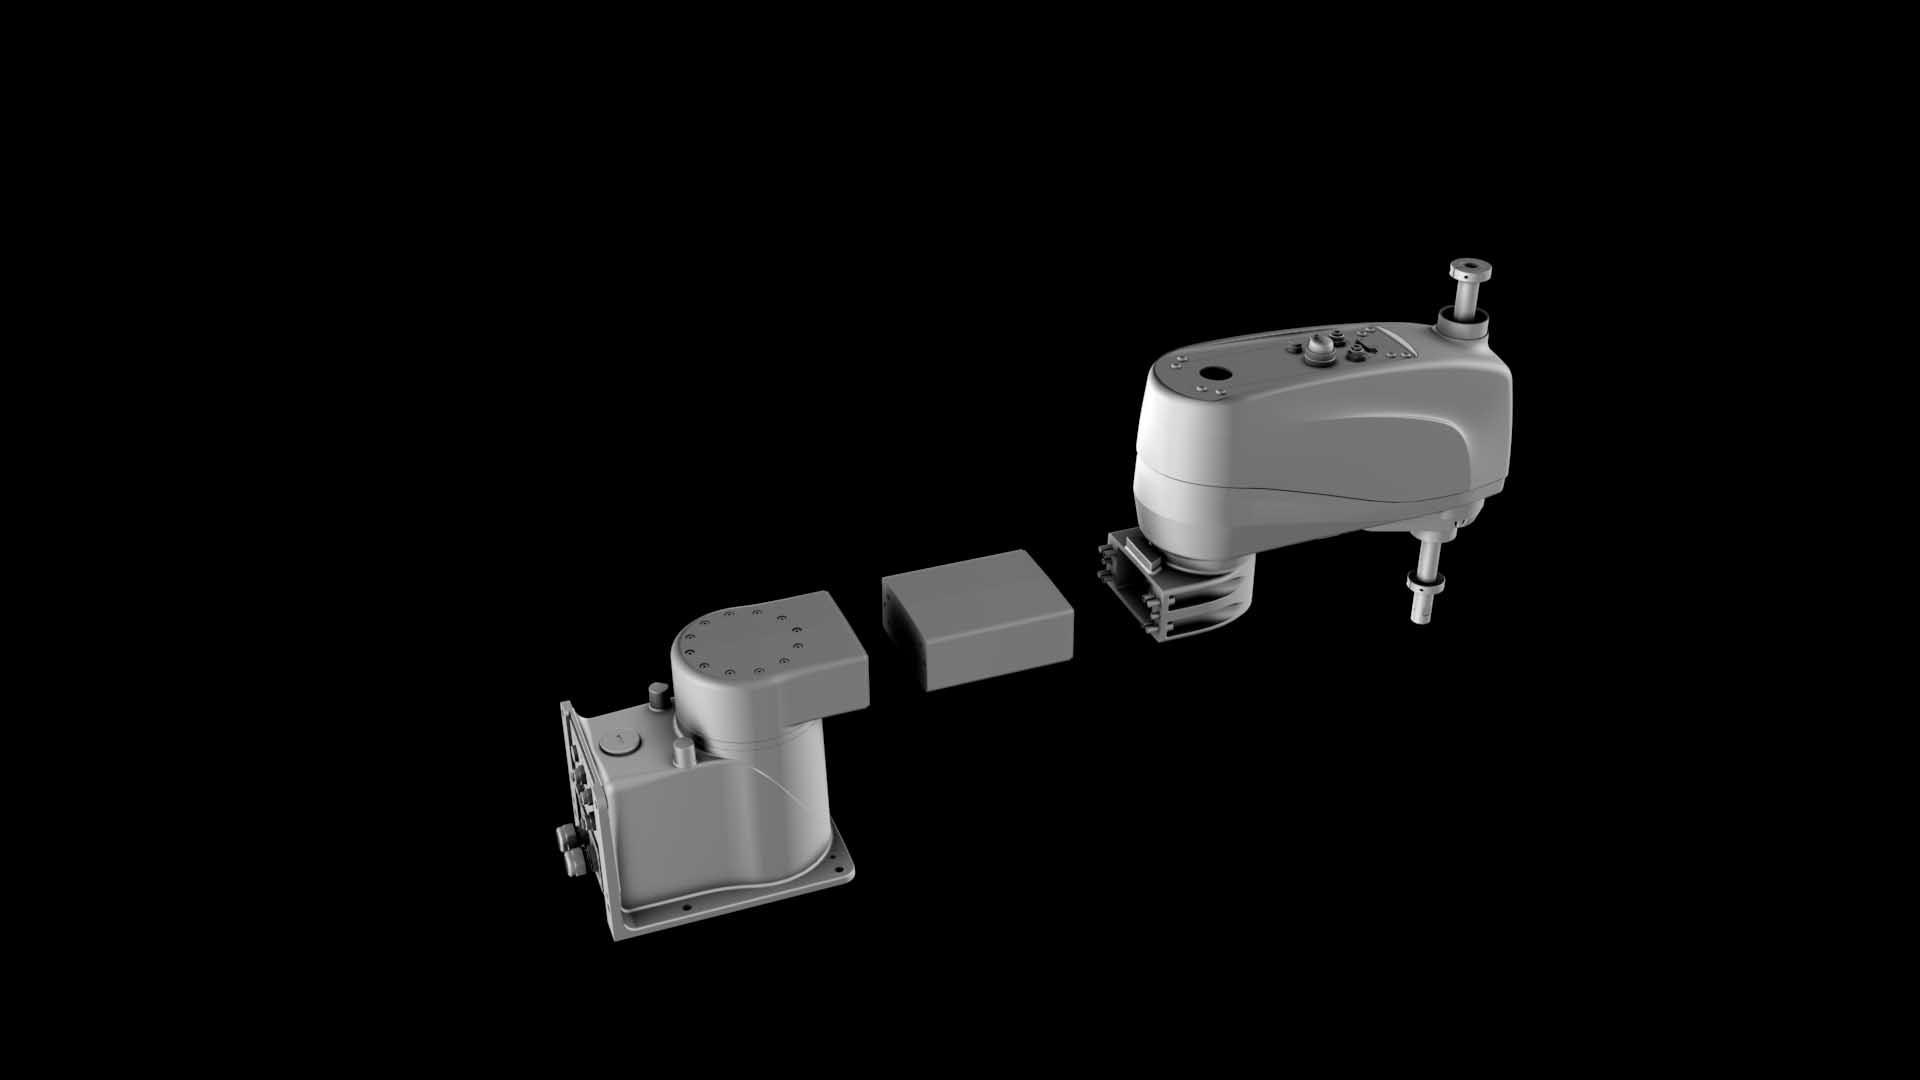 买一得五--柯马模块化概念   机器人工作半径的差异由于模块化延长臂的存在,它使机器人根据需要扩展可达性。由缆线和延长臂组成的扩展组件,在这5个型号的机器人中可以轻松实现互换。买一得五--这就是柯马模块化概念提供的优势。这种模块化特性使得即时配置机器人成为可能,也就是说,购买SCARA系列机器人可以为客户节省大量成本和时间。